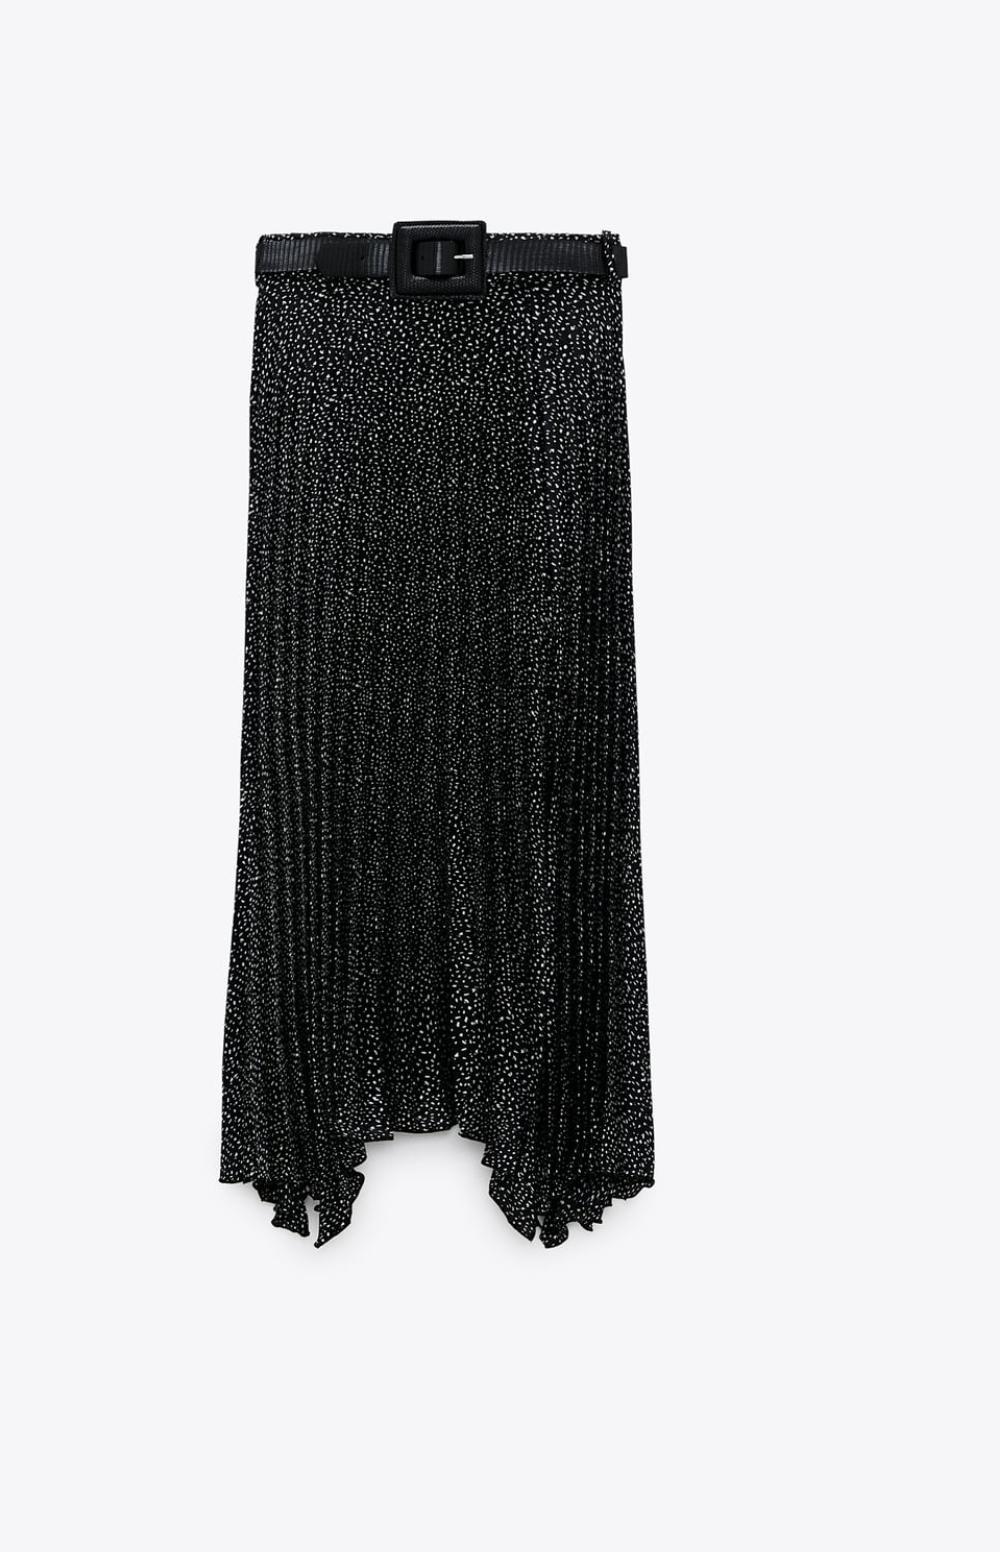 Falda midi plisada estampada con bajo asimétrico y con detalle de cinturón con la hebilla cuadrada 29'95€